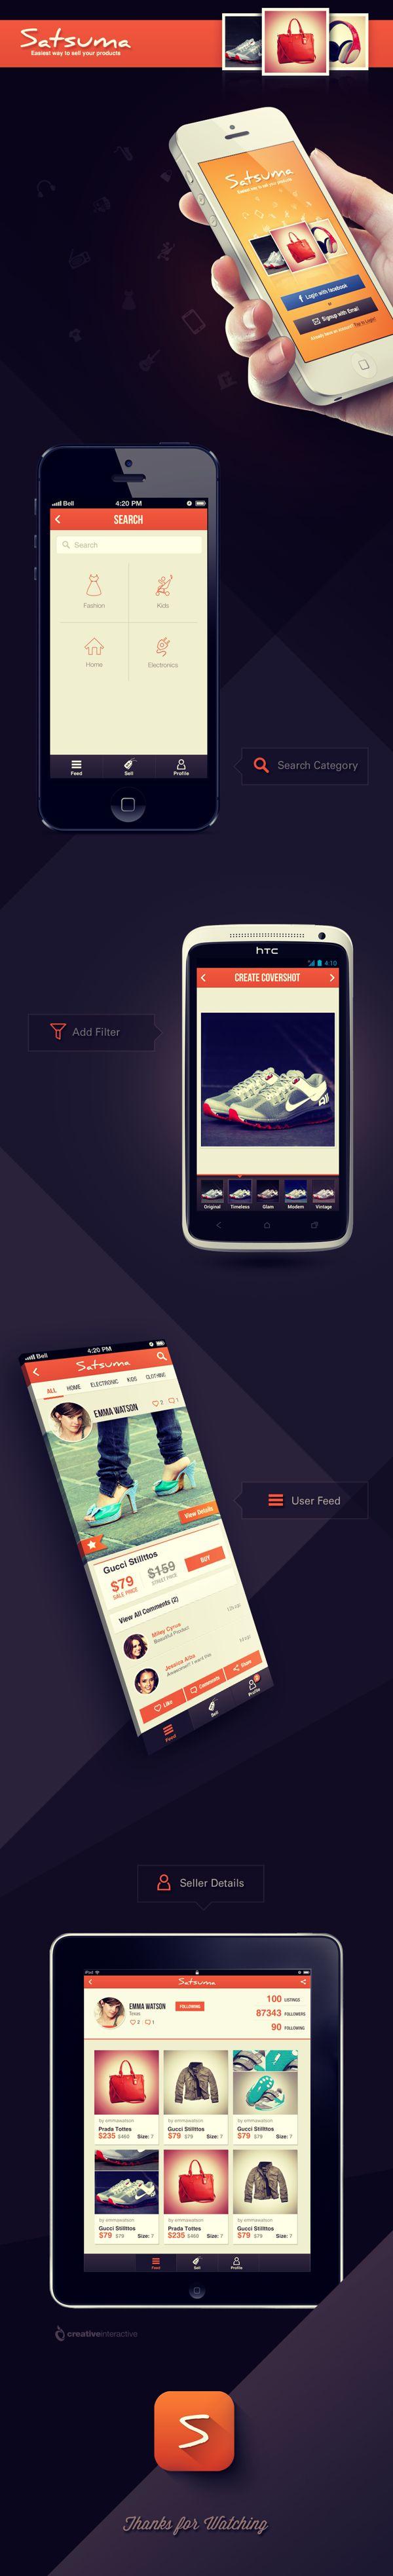 Satsuma Mobile App by Reznik Umar, via Behance